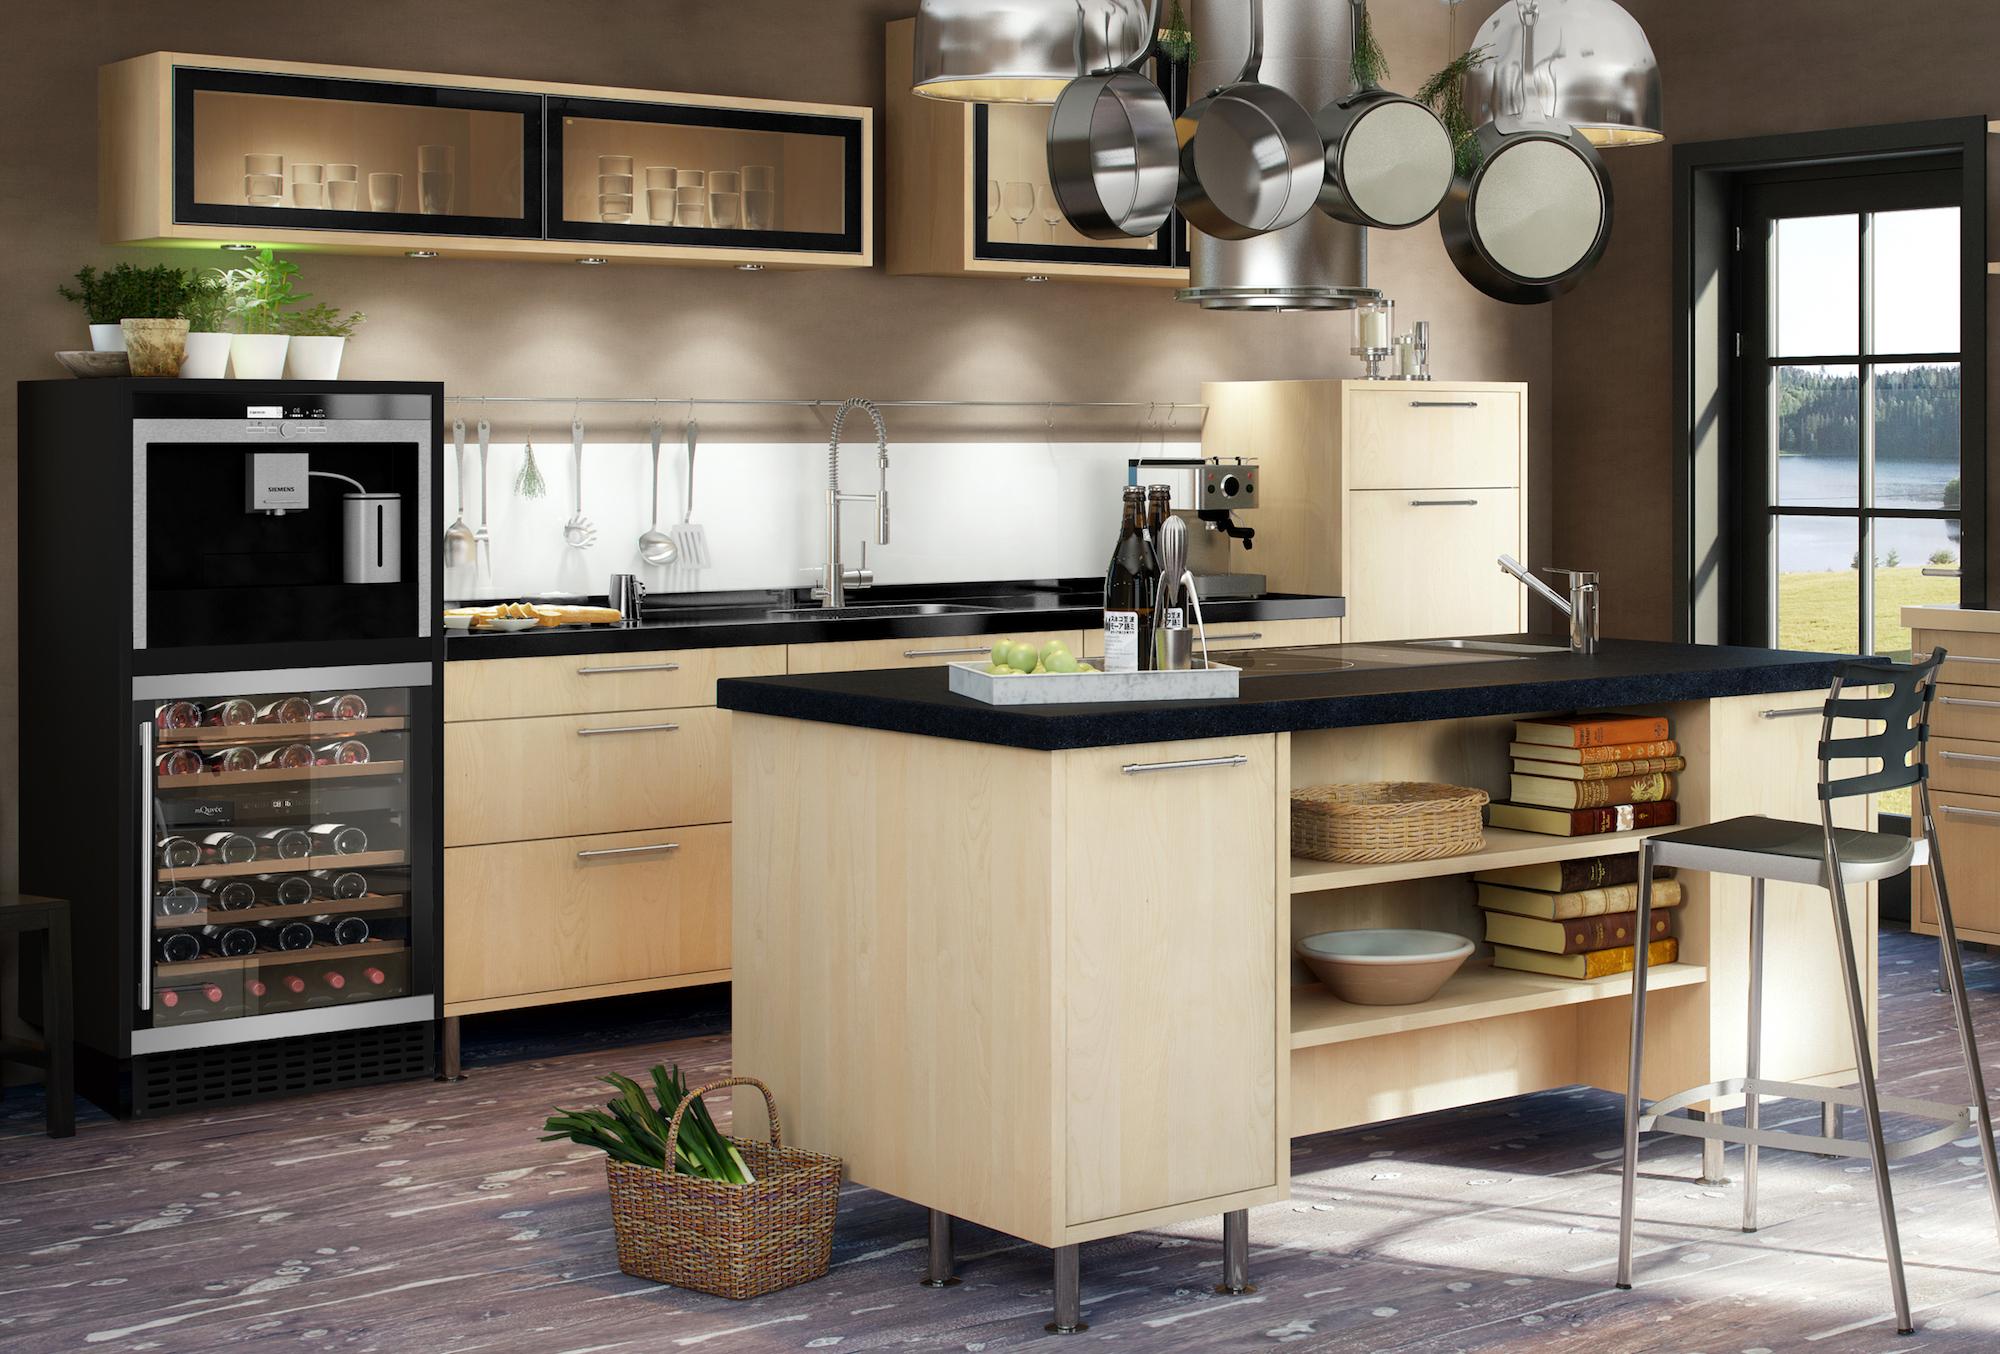 Vinkyl från mQuvee inbyggd i modernt kök